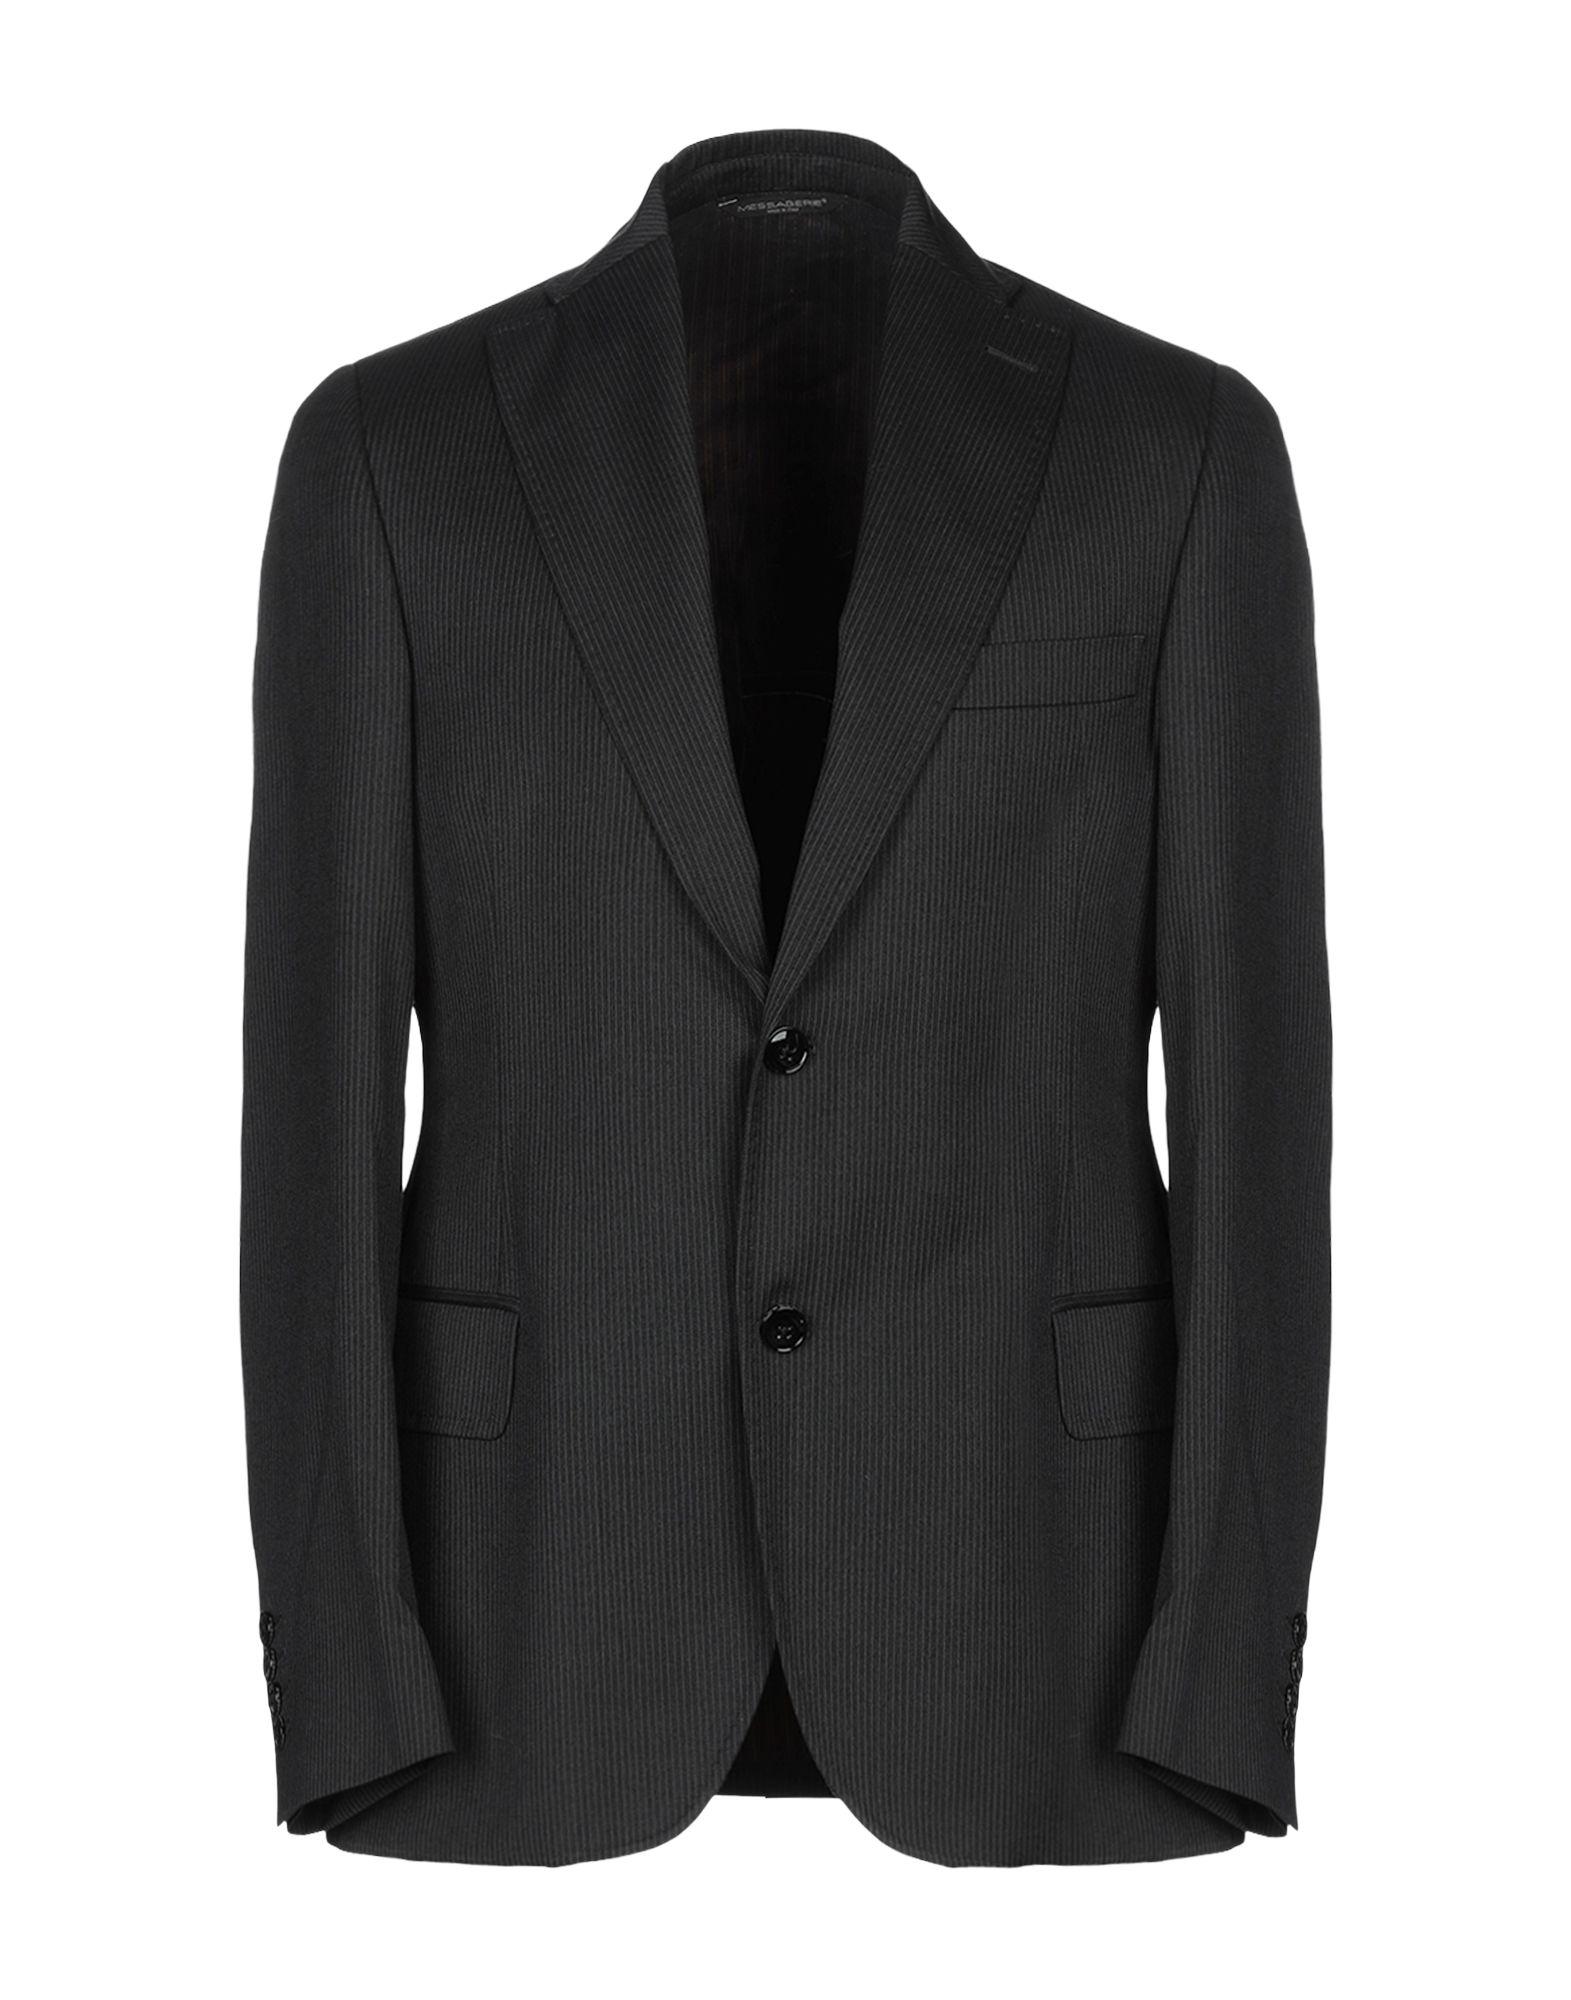 MESSAGERIE Пиджак шерстяной пиджак мужской купить в москве